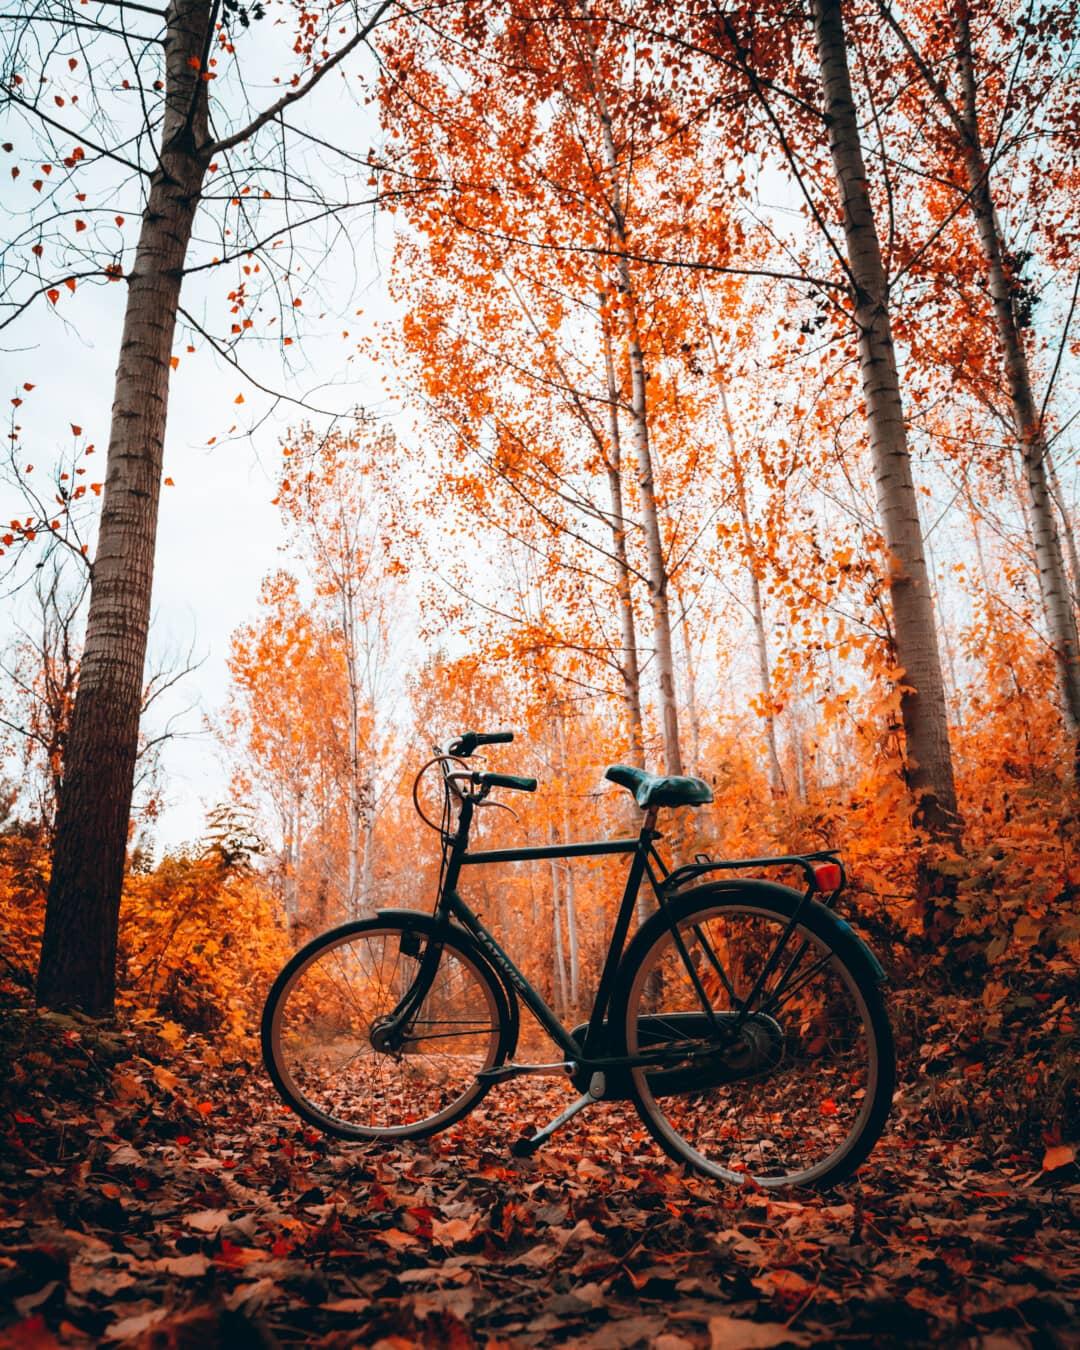 sentier de la forêt, vélo, forêt, saison de l'automne, bois, véhicule, feuille, arbre, vélo, Itinéraire